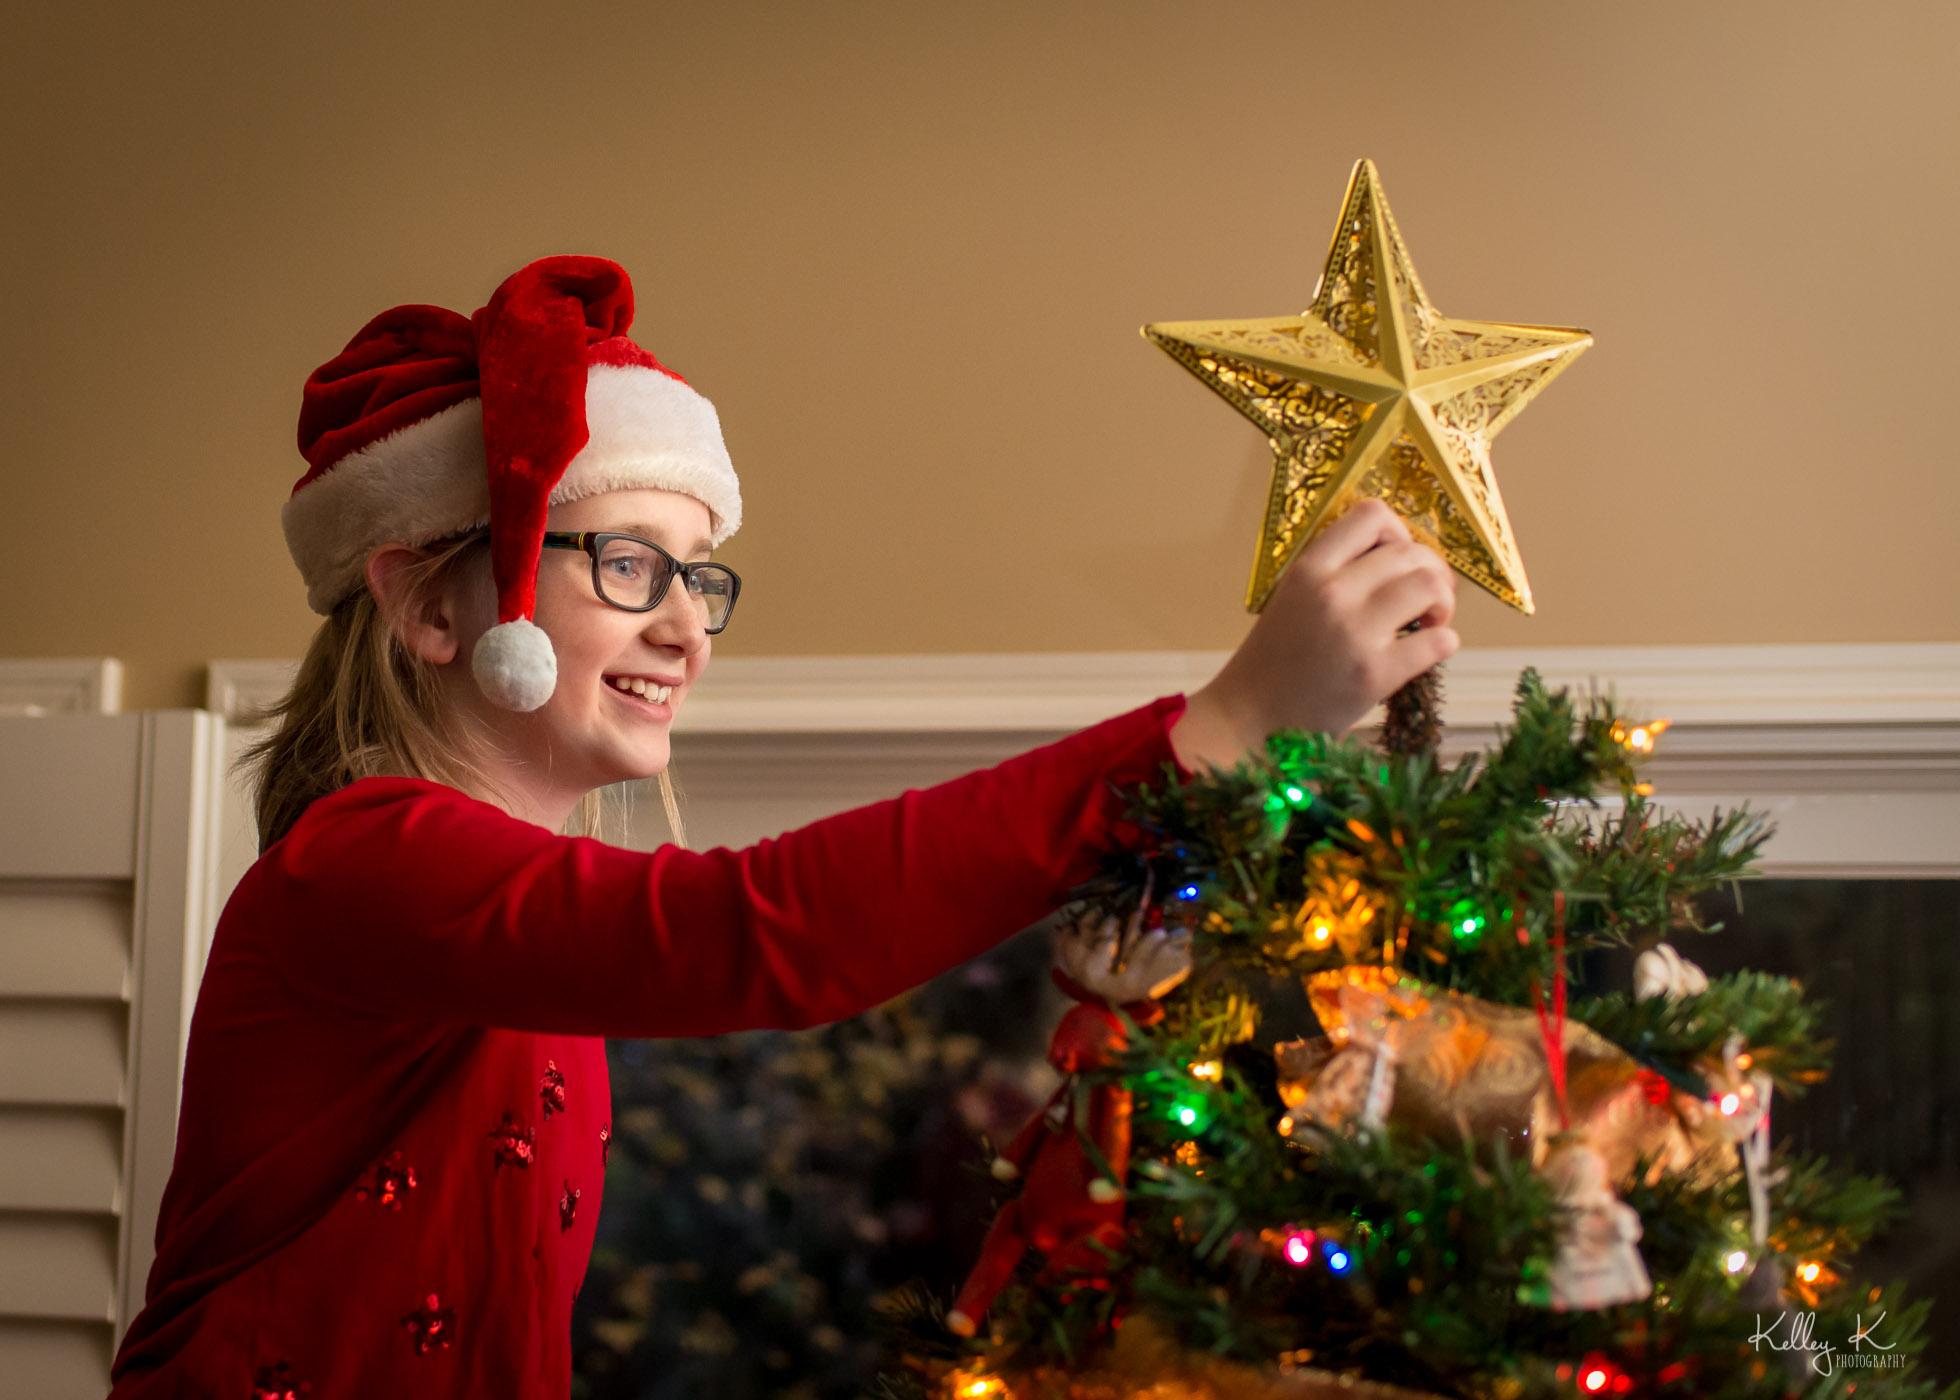 putting-star-on-tree-by-KelleyKPhotography-Smyrna